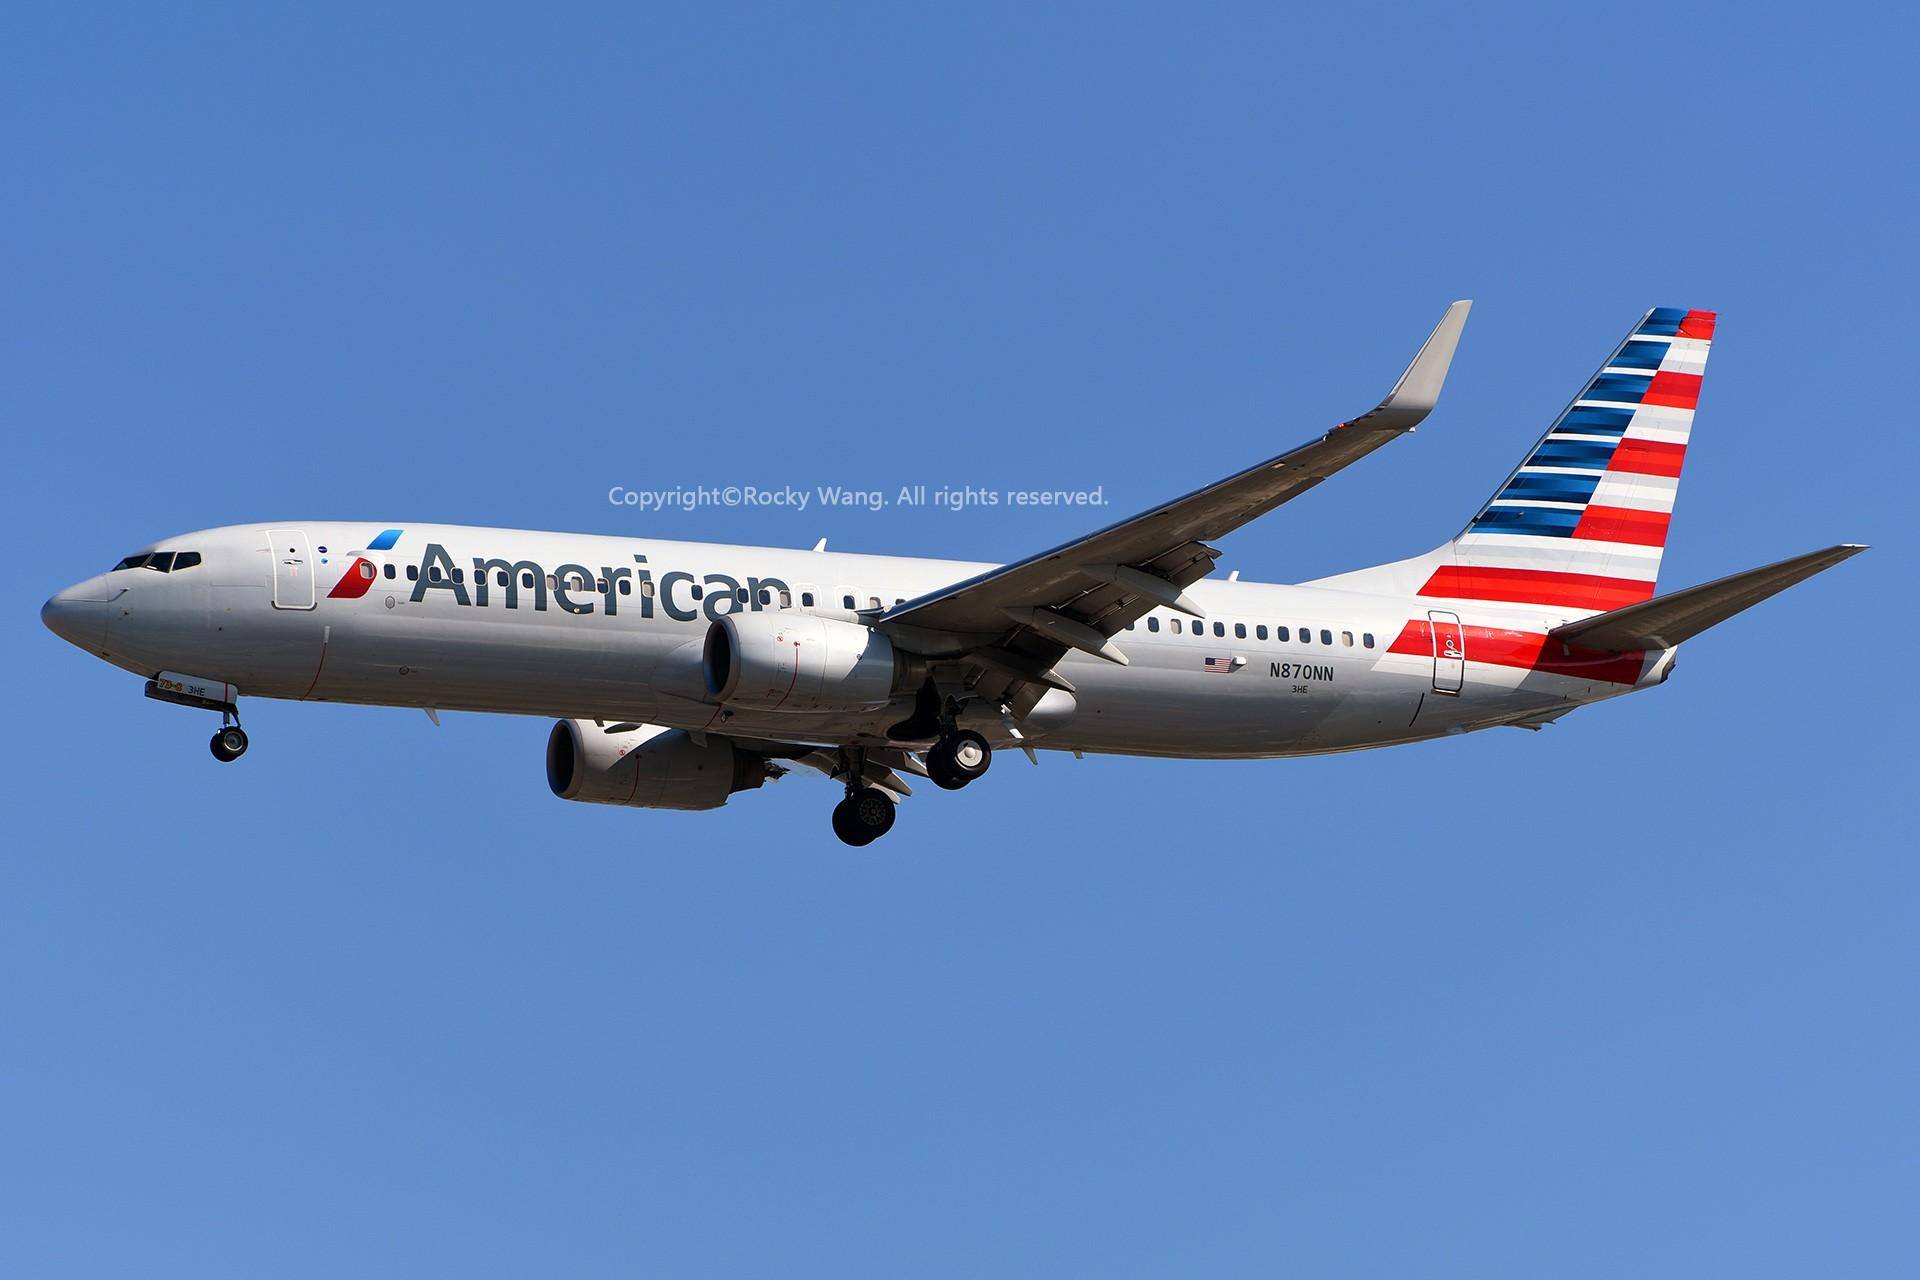 Re:[原创]窄体连连看 BOEING 737-823 N870NN 美国迈阿密机场